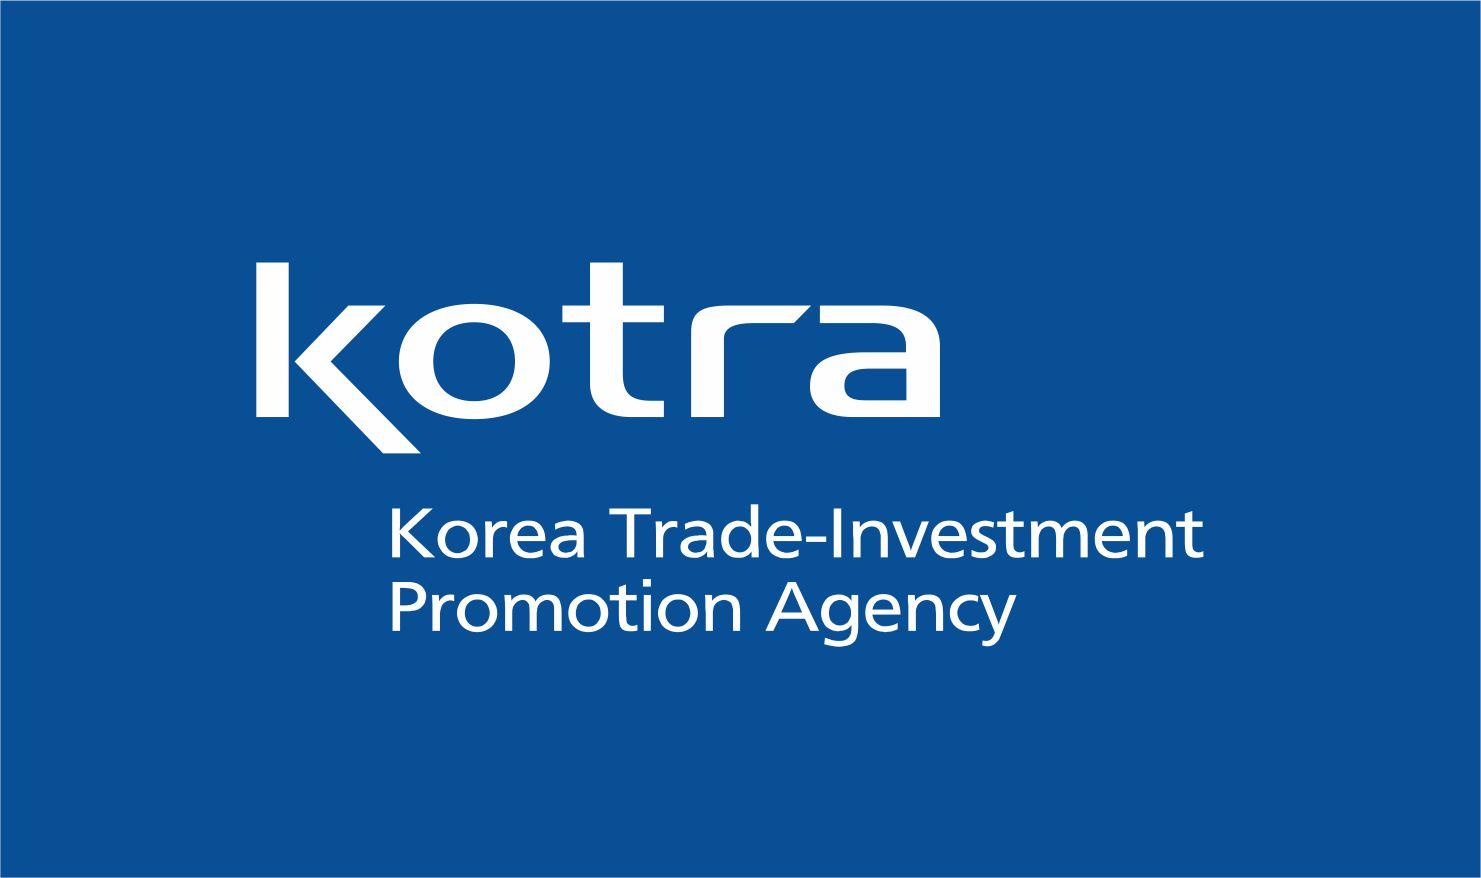 Văn phòng đại diện Cơ quan Xúc tiến Thương mại - Đầu tư Hàn Quốc tại Đà Nẵng